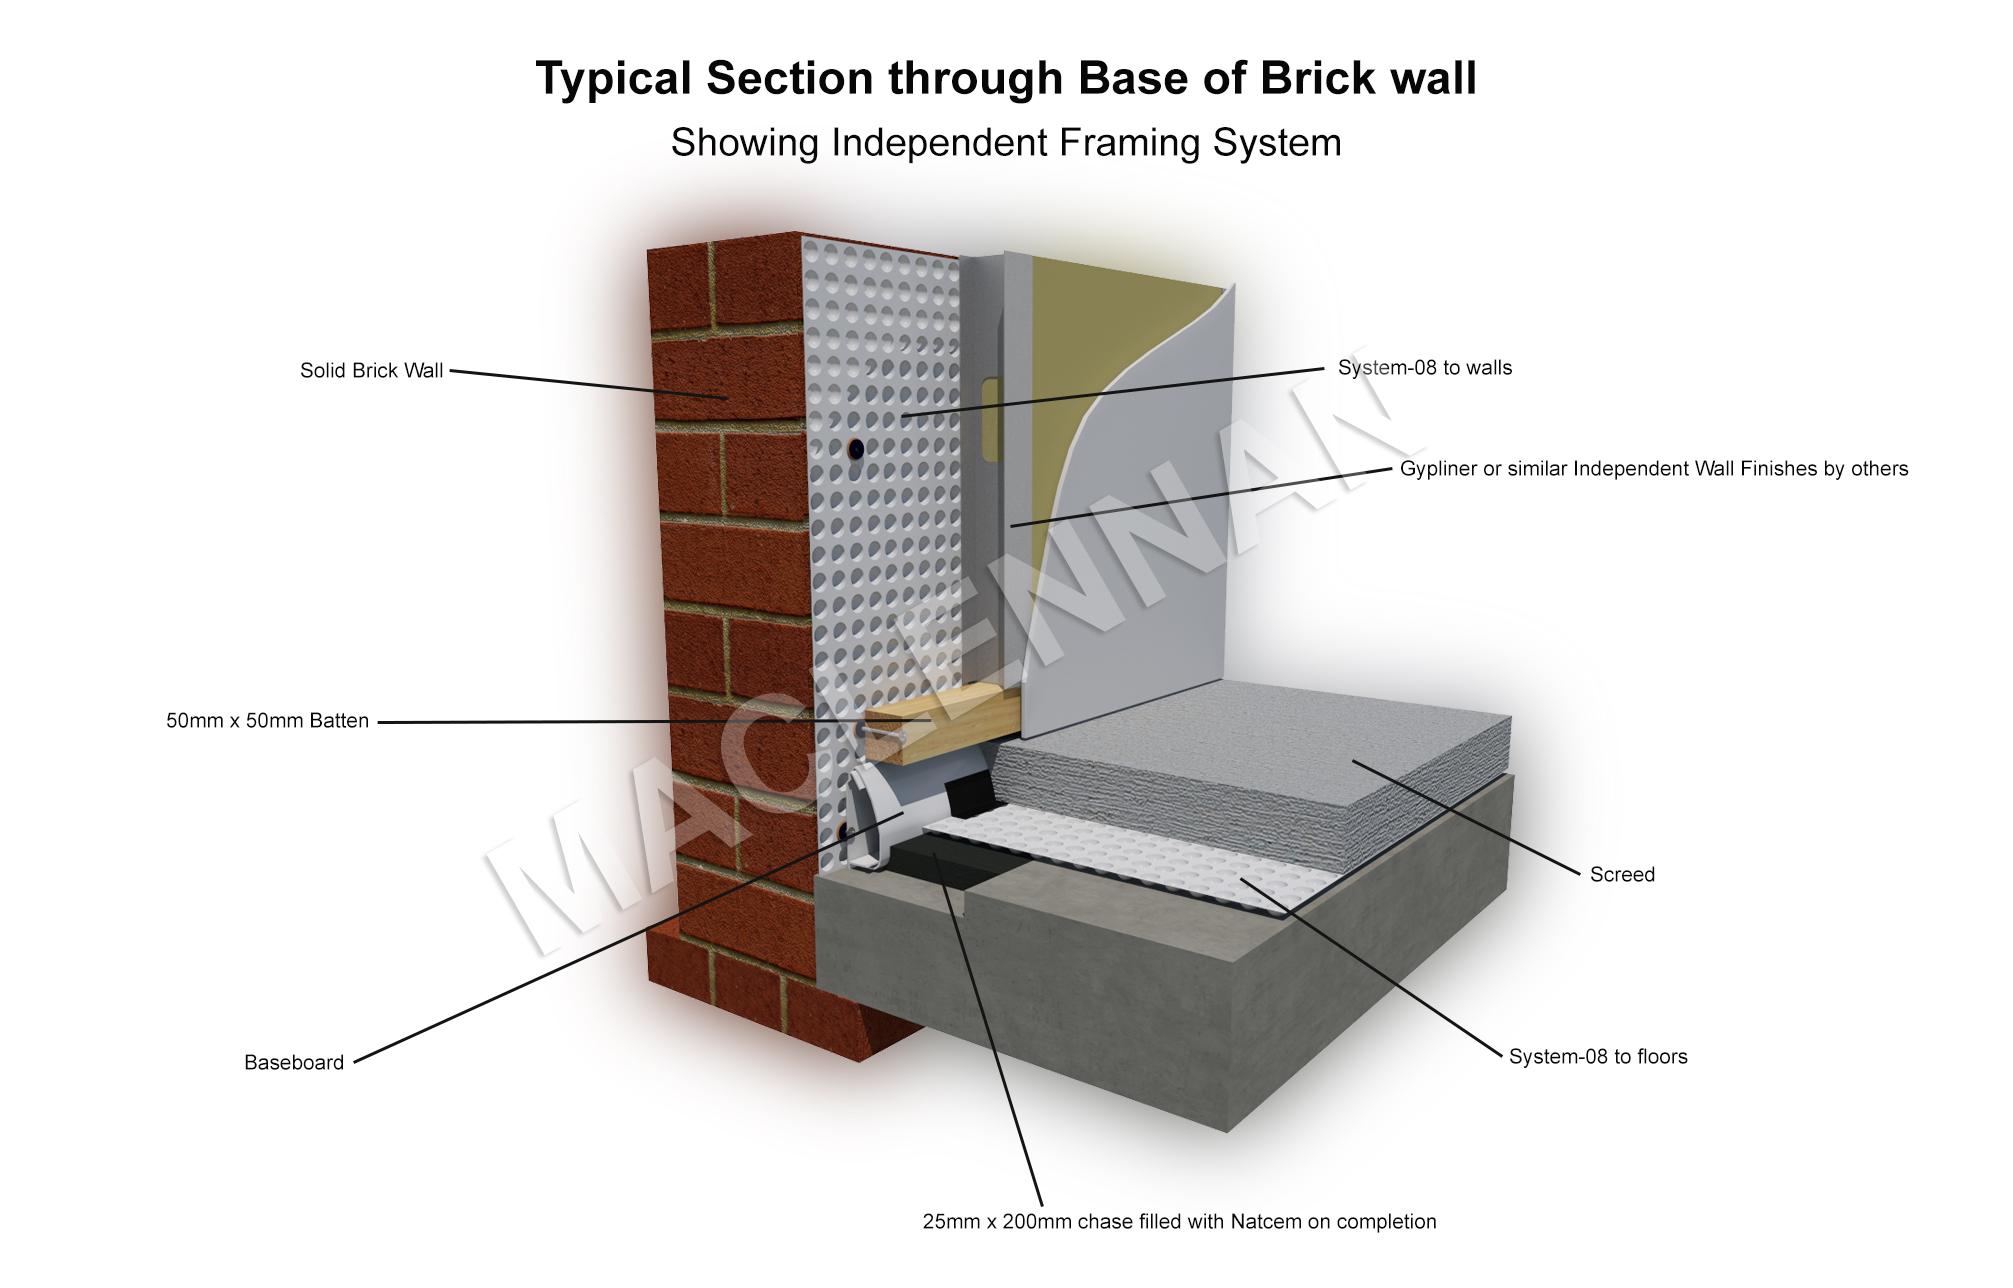 3D Drawings - Remedial Waterproofing